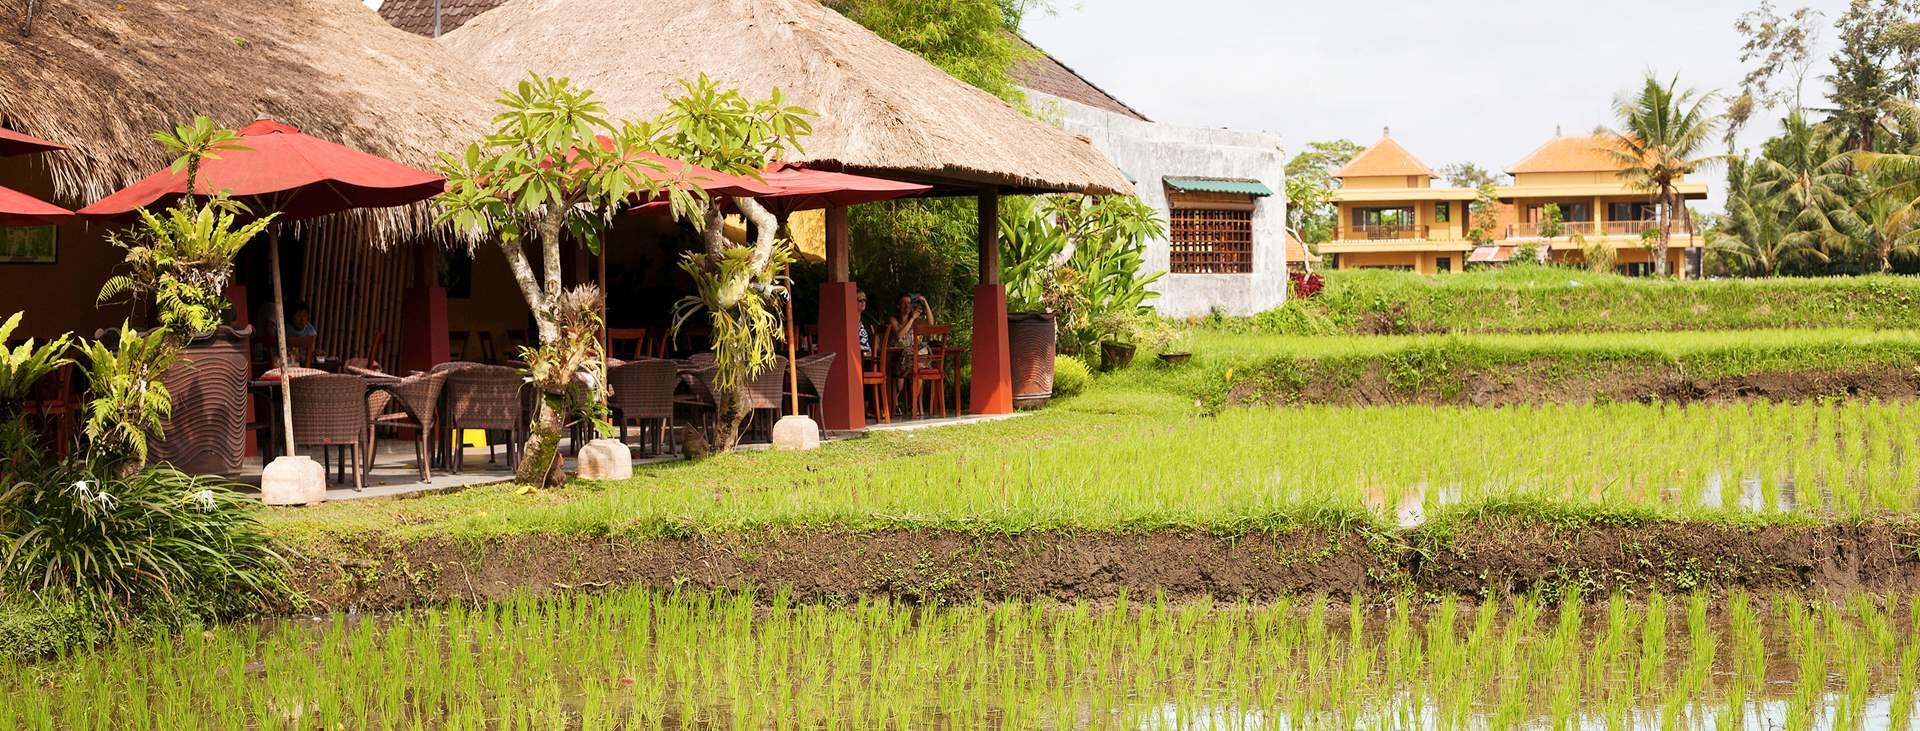 Resor till Ubud på Bali i Indonesien